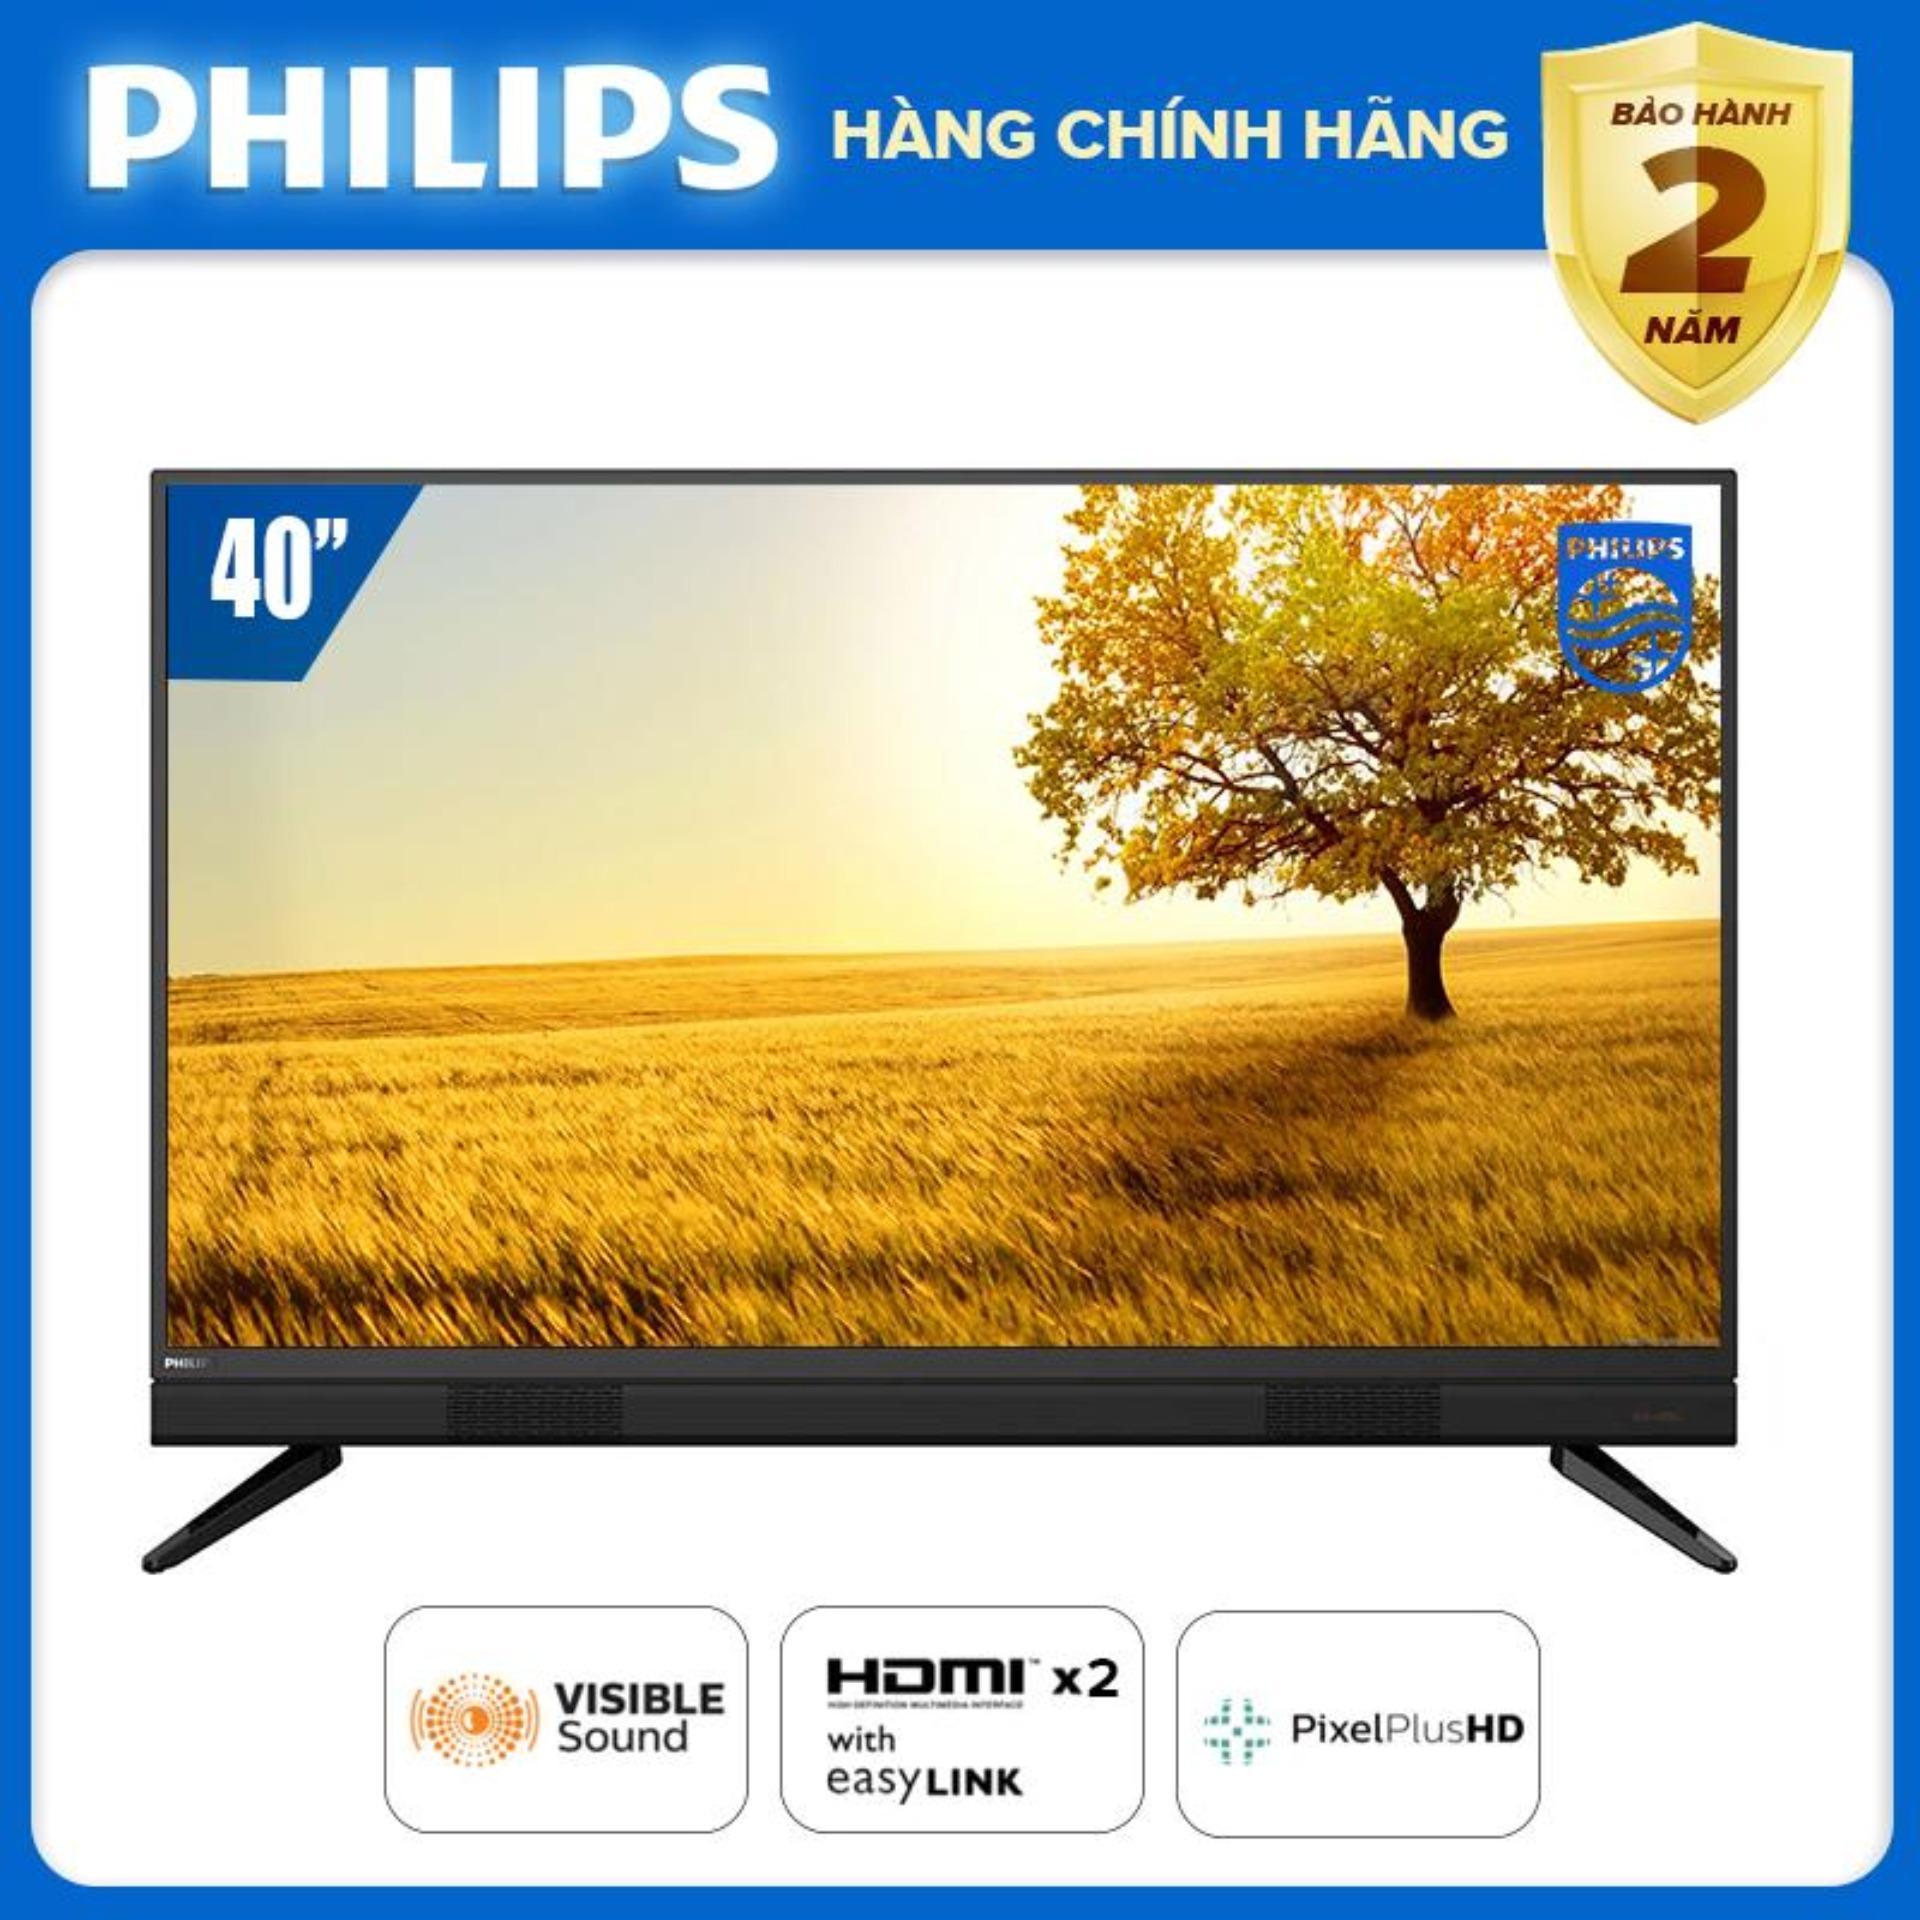 [Trả góp 0%]TIVI PHILIPS 40 INCH 40PFT5583/74 LED FULL HD. - TẶNG USB 16G CỰC CHẤT (DIGITAL TV DVB-T2 HÀNG...